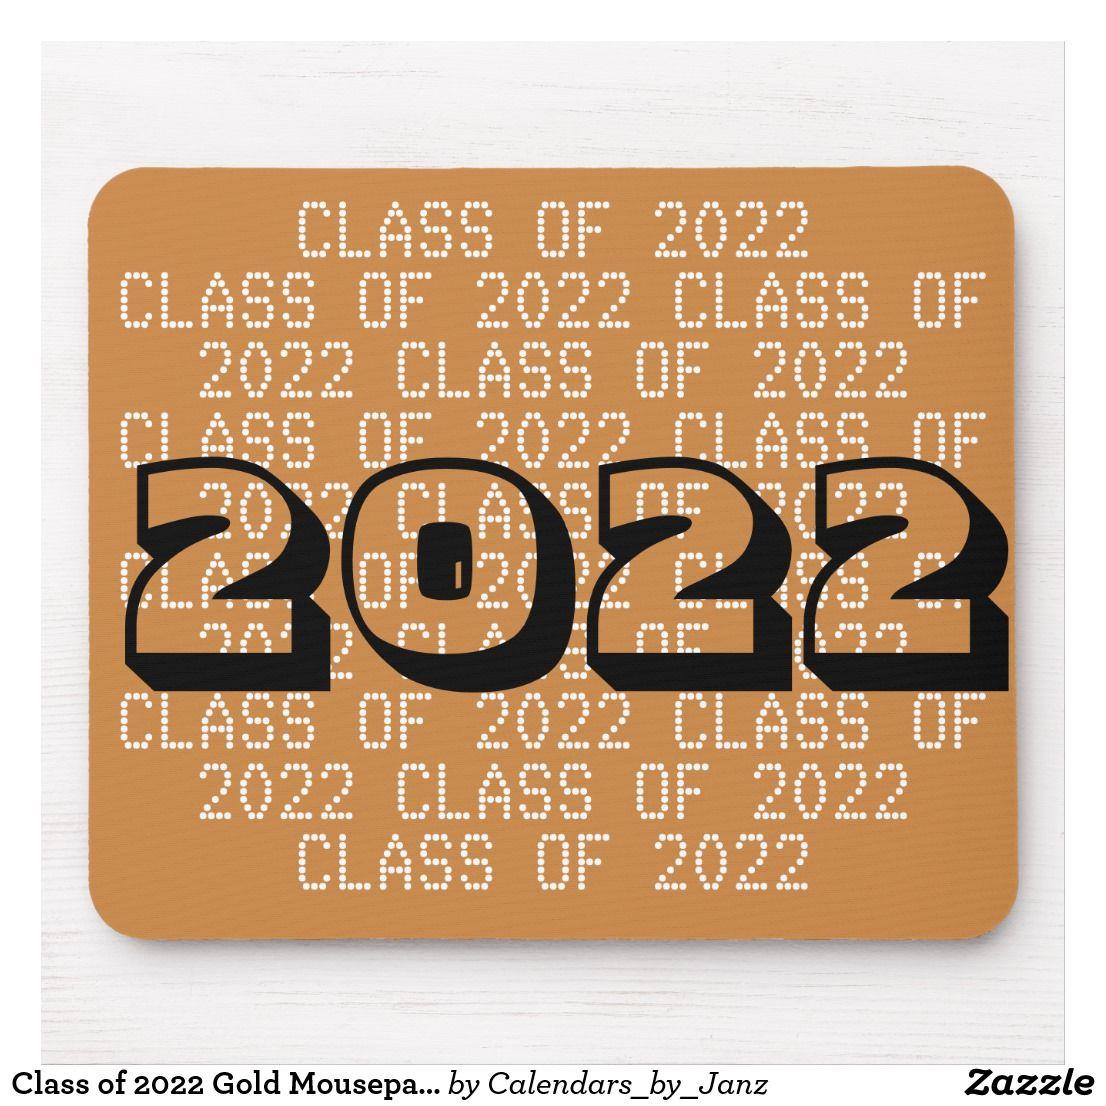 Fiu Calendar 2022.Class Of 2022 Gold Mousepad By Janz Custom Graduation Gift Graduation Design Graduation Gifts